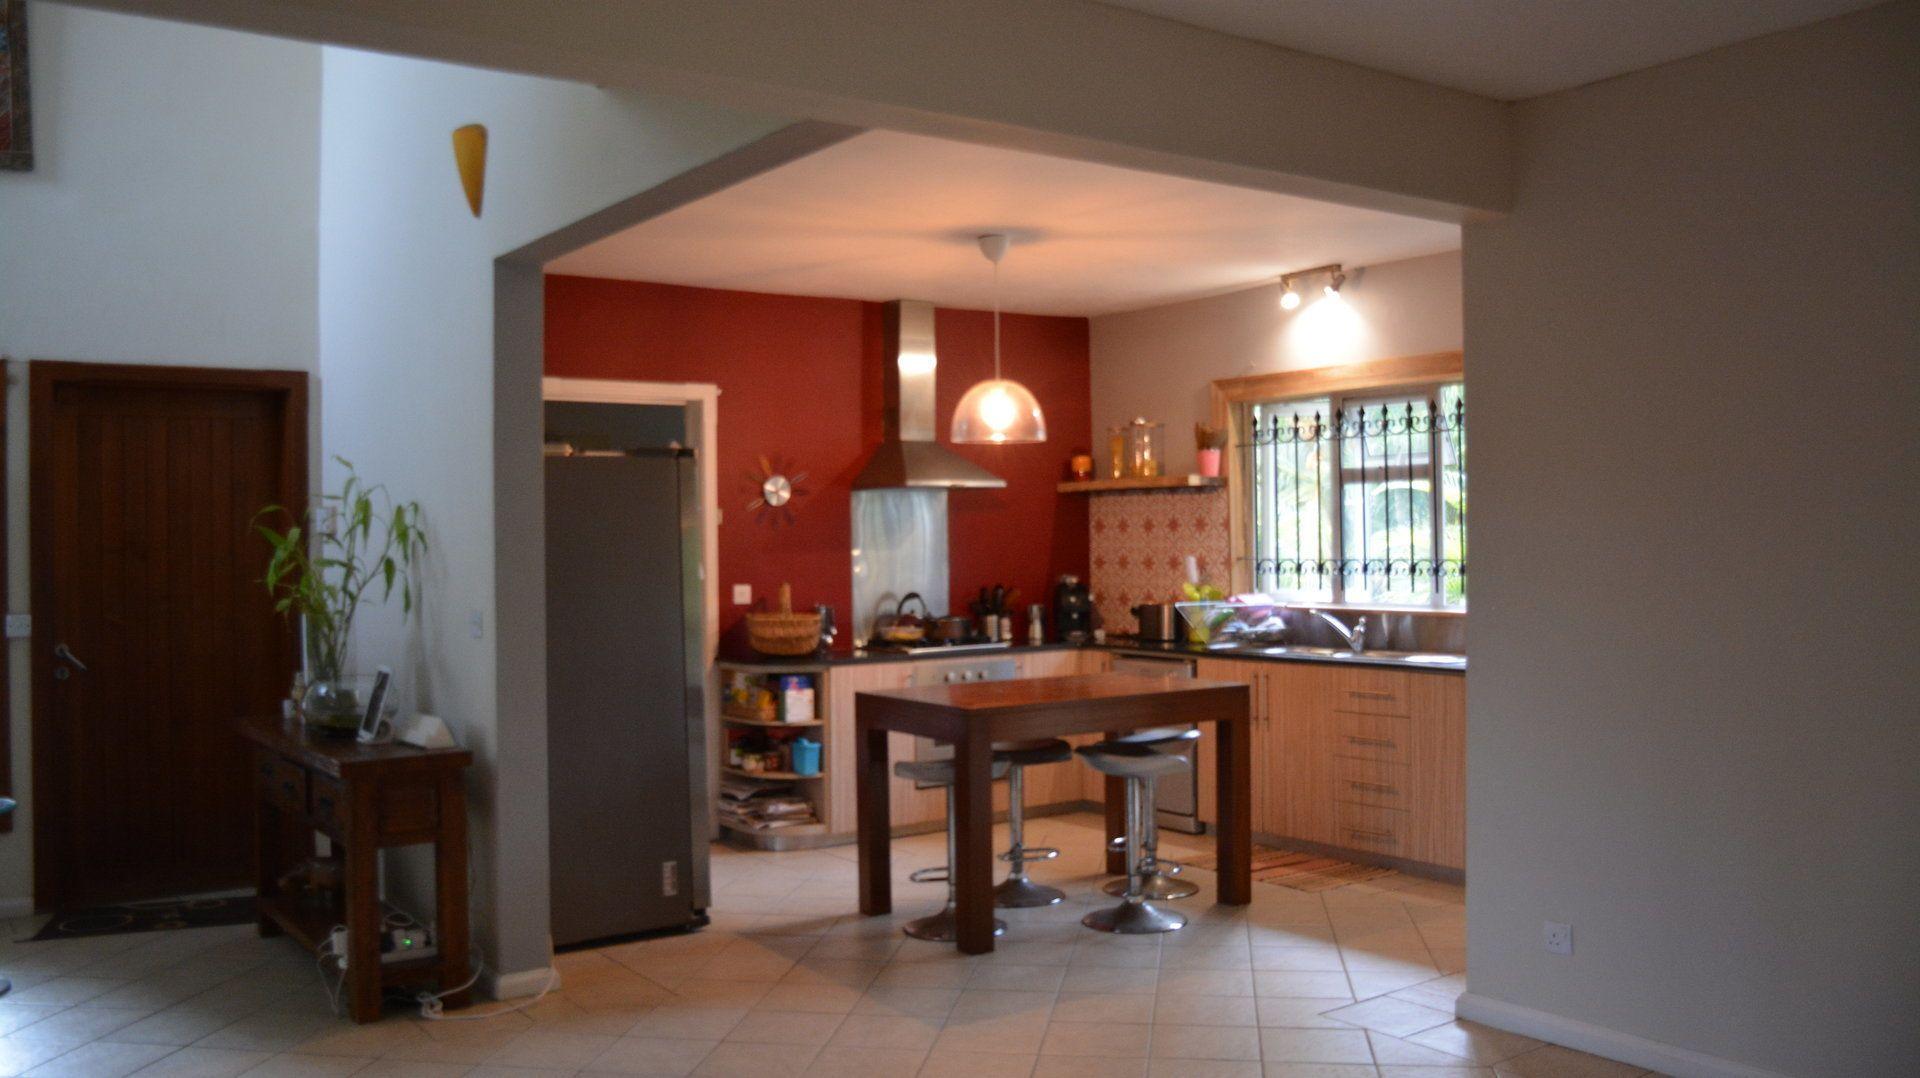 Maison à louer 7 720m2 à Ile Maurice vignette-6